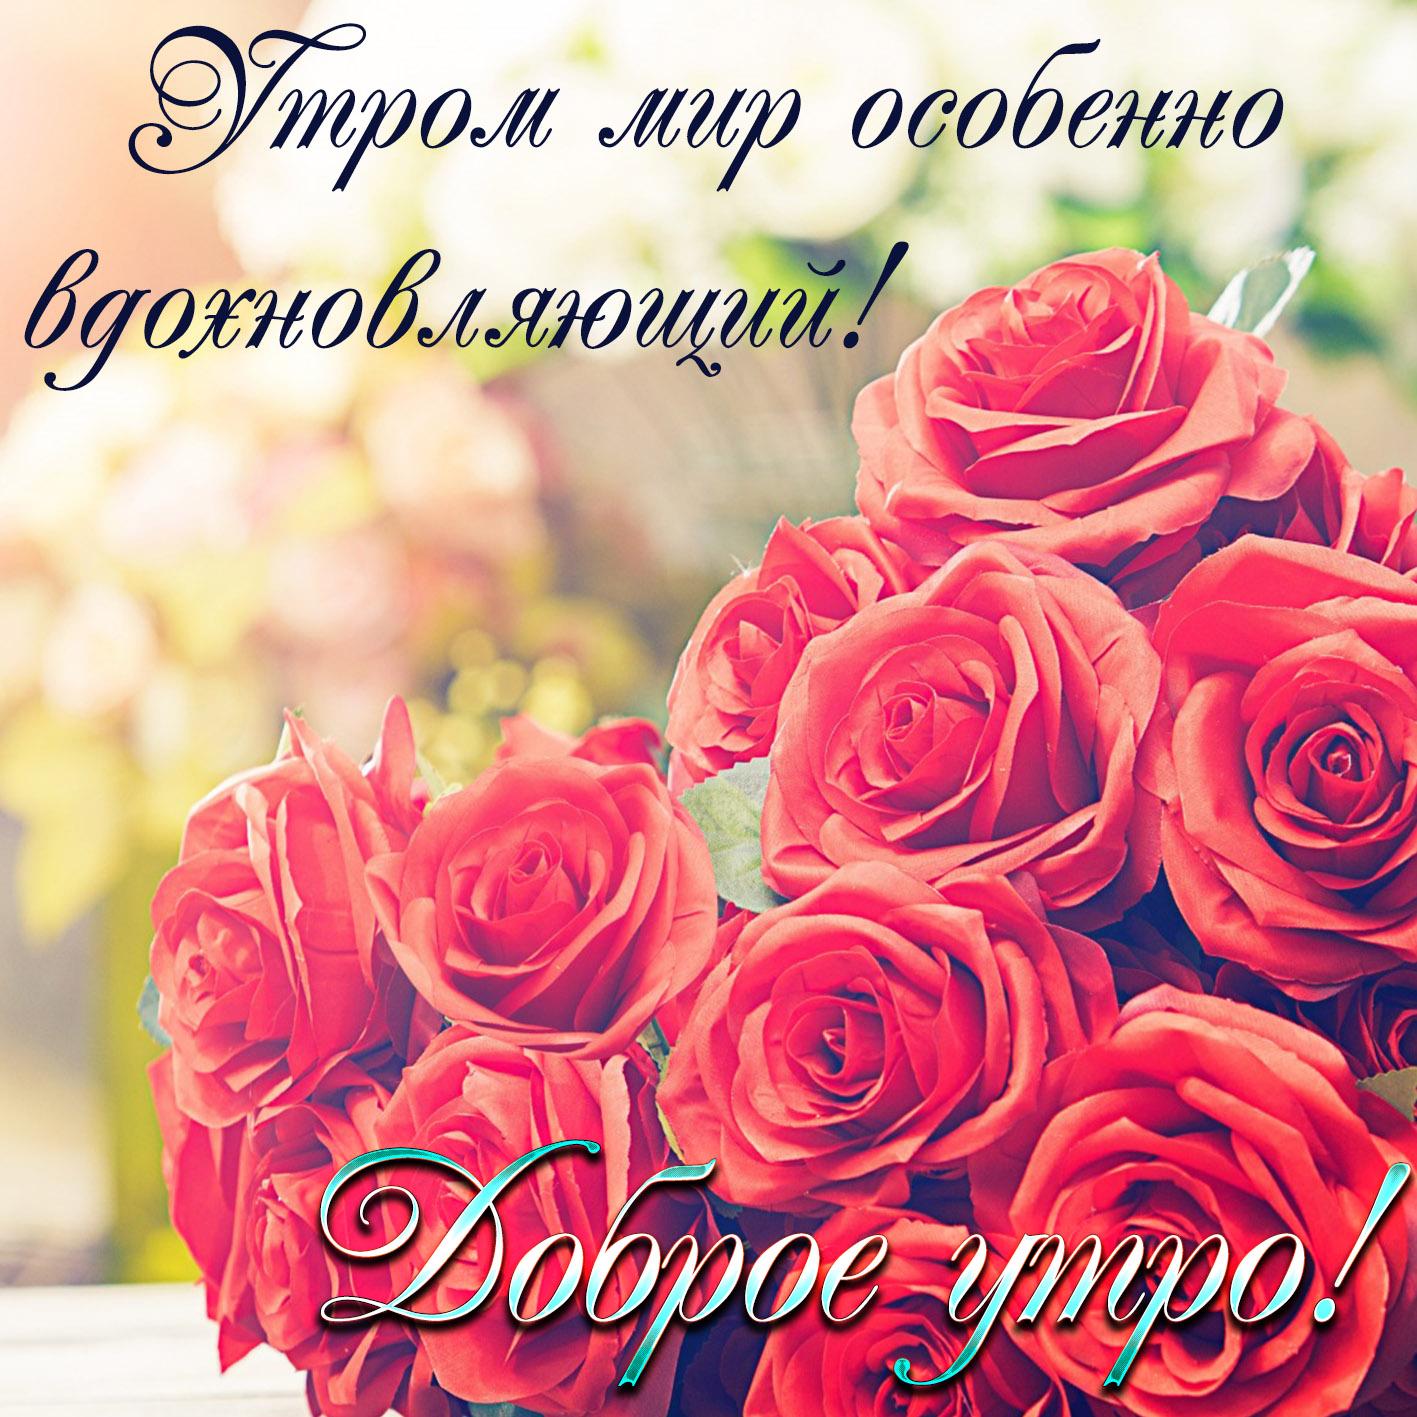 Доброе утро букет цветов картинки с пожеланиями